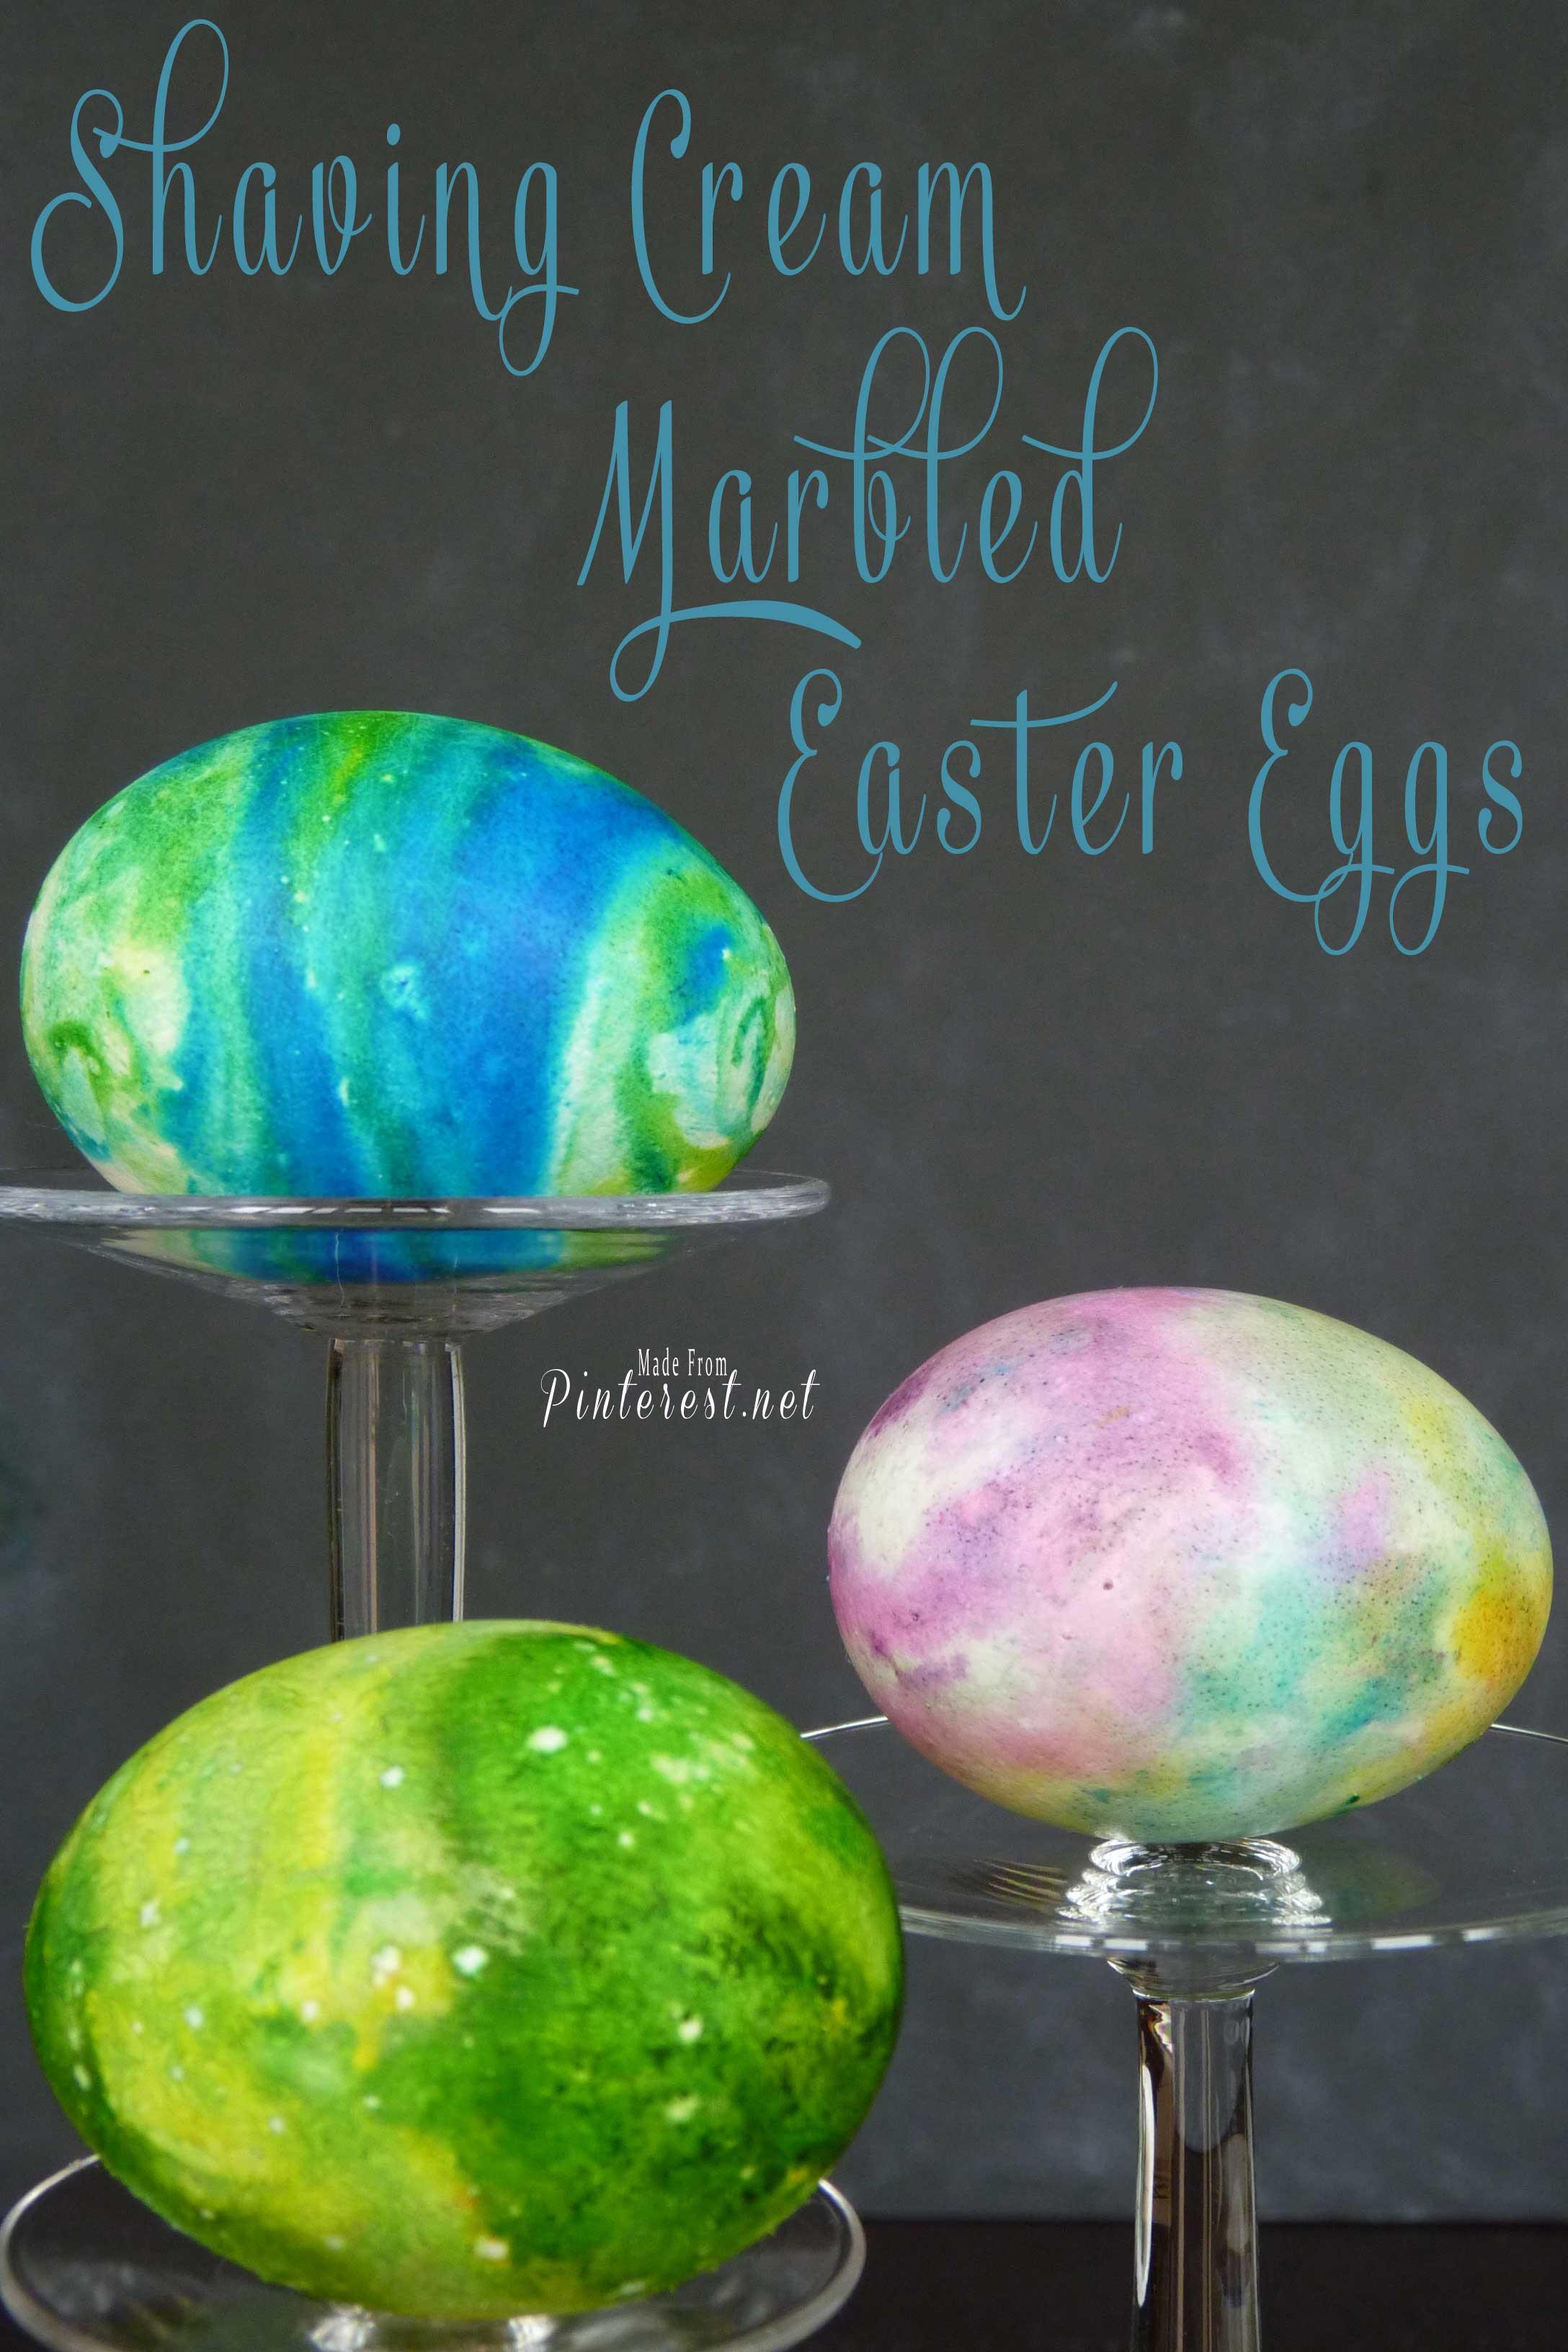 Shaving-Cream-Marbled-Easter-Eggs1